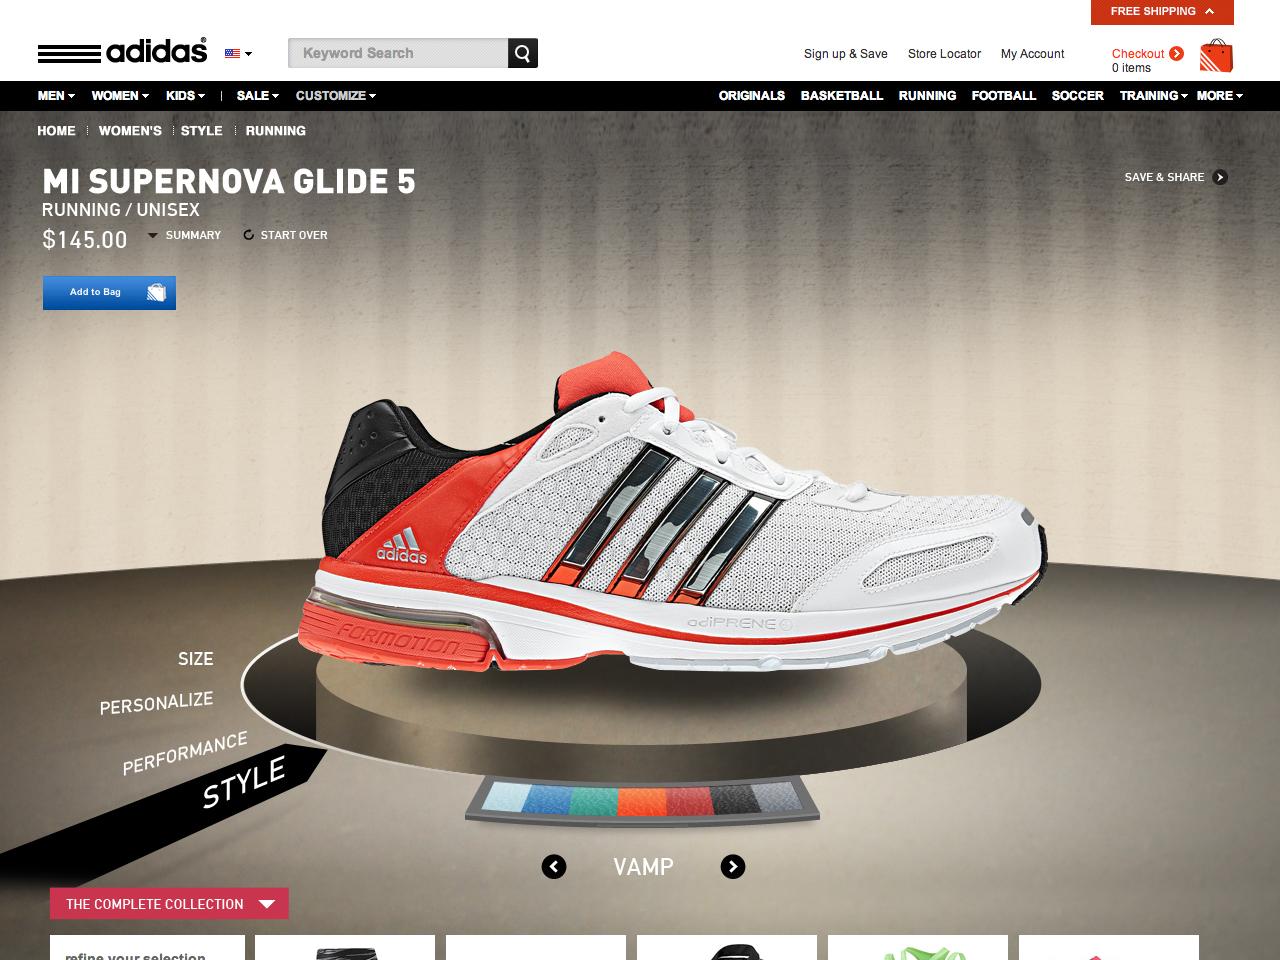 adidas_running_config_02.jpg